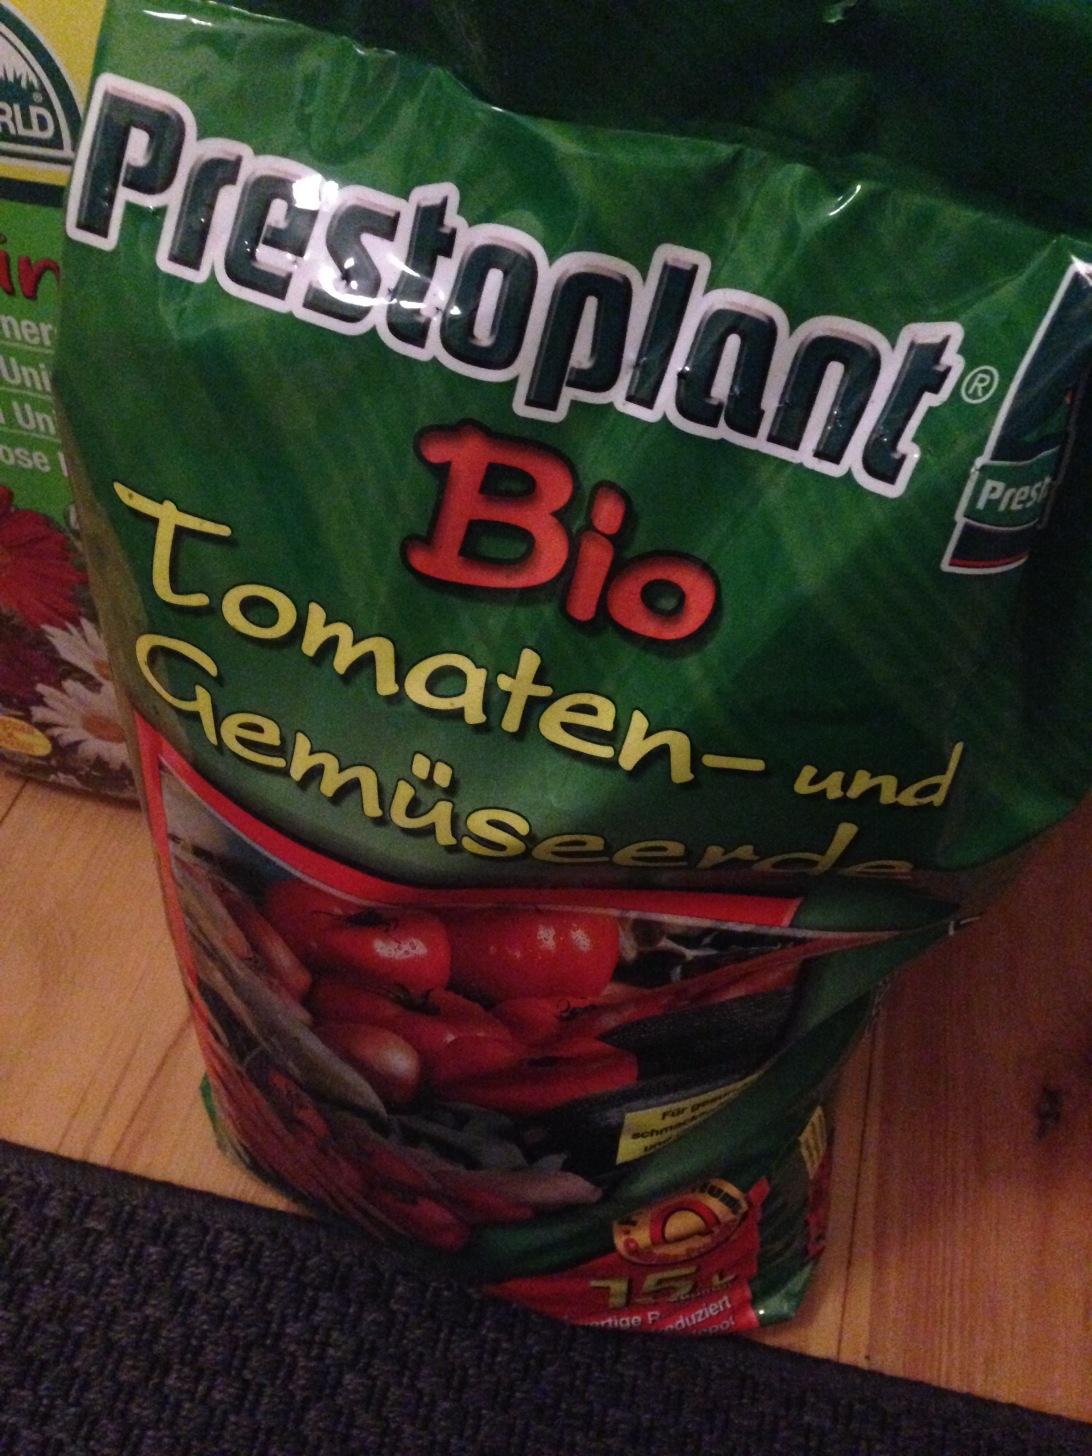 Prestoplant Bio Tomaten- und Gemüseerde.